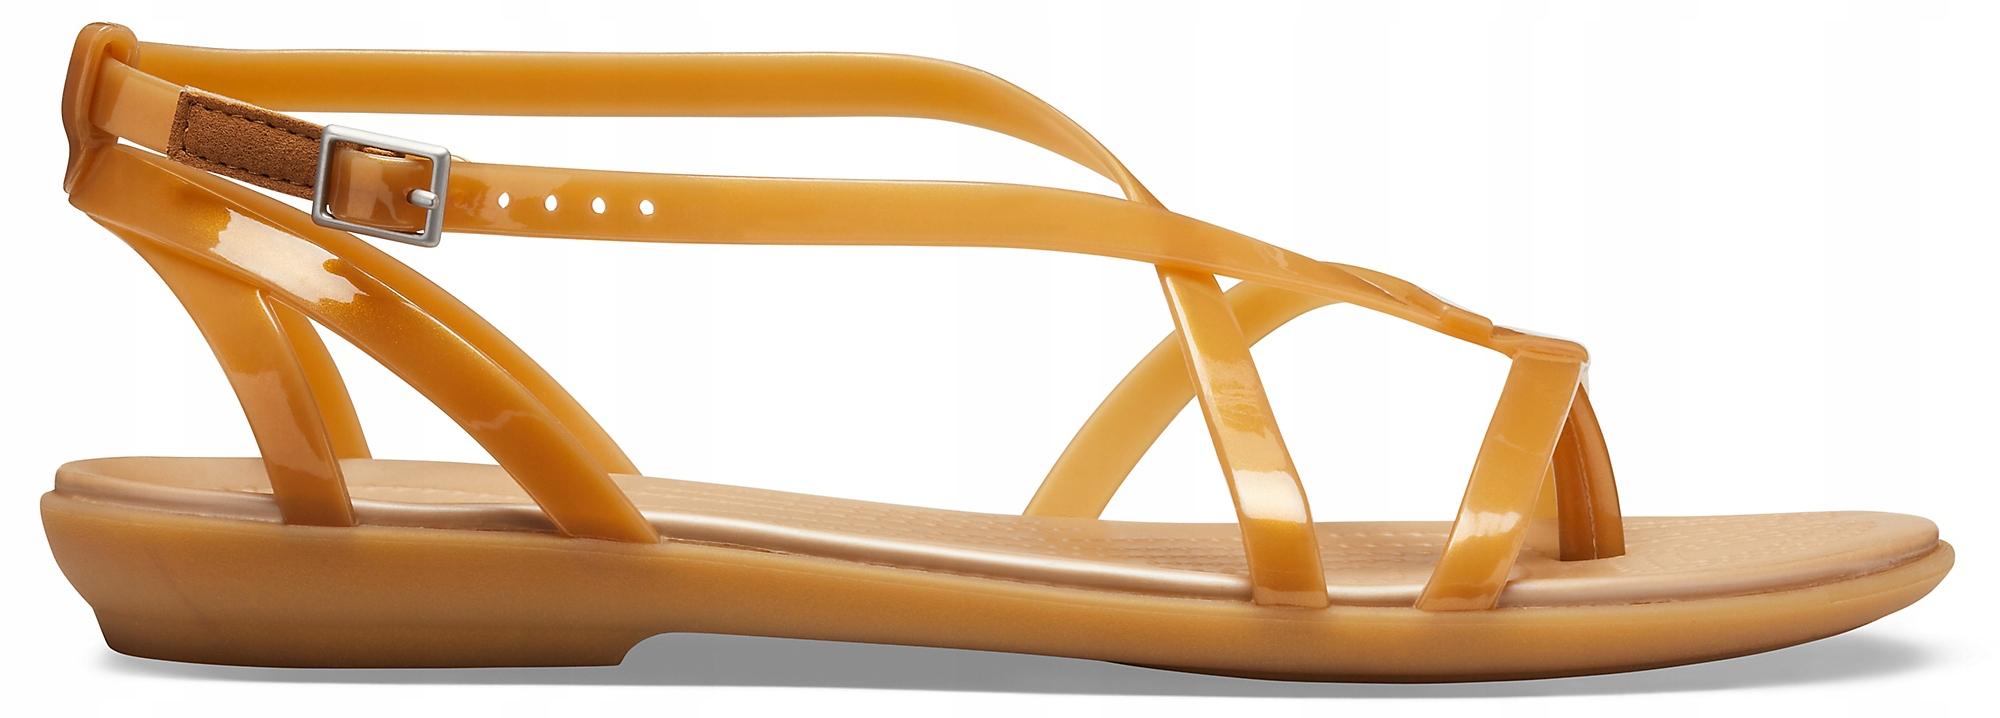 profesjonalna sprzedaż bardzo tanie 100% wysokiej jakości Sandały Crocs Isabella Gladiator złote 37,5 (W7)